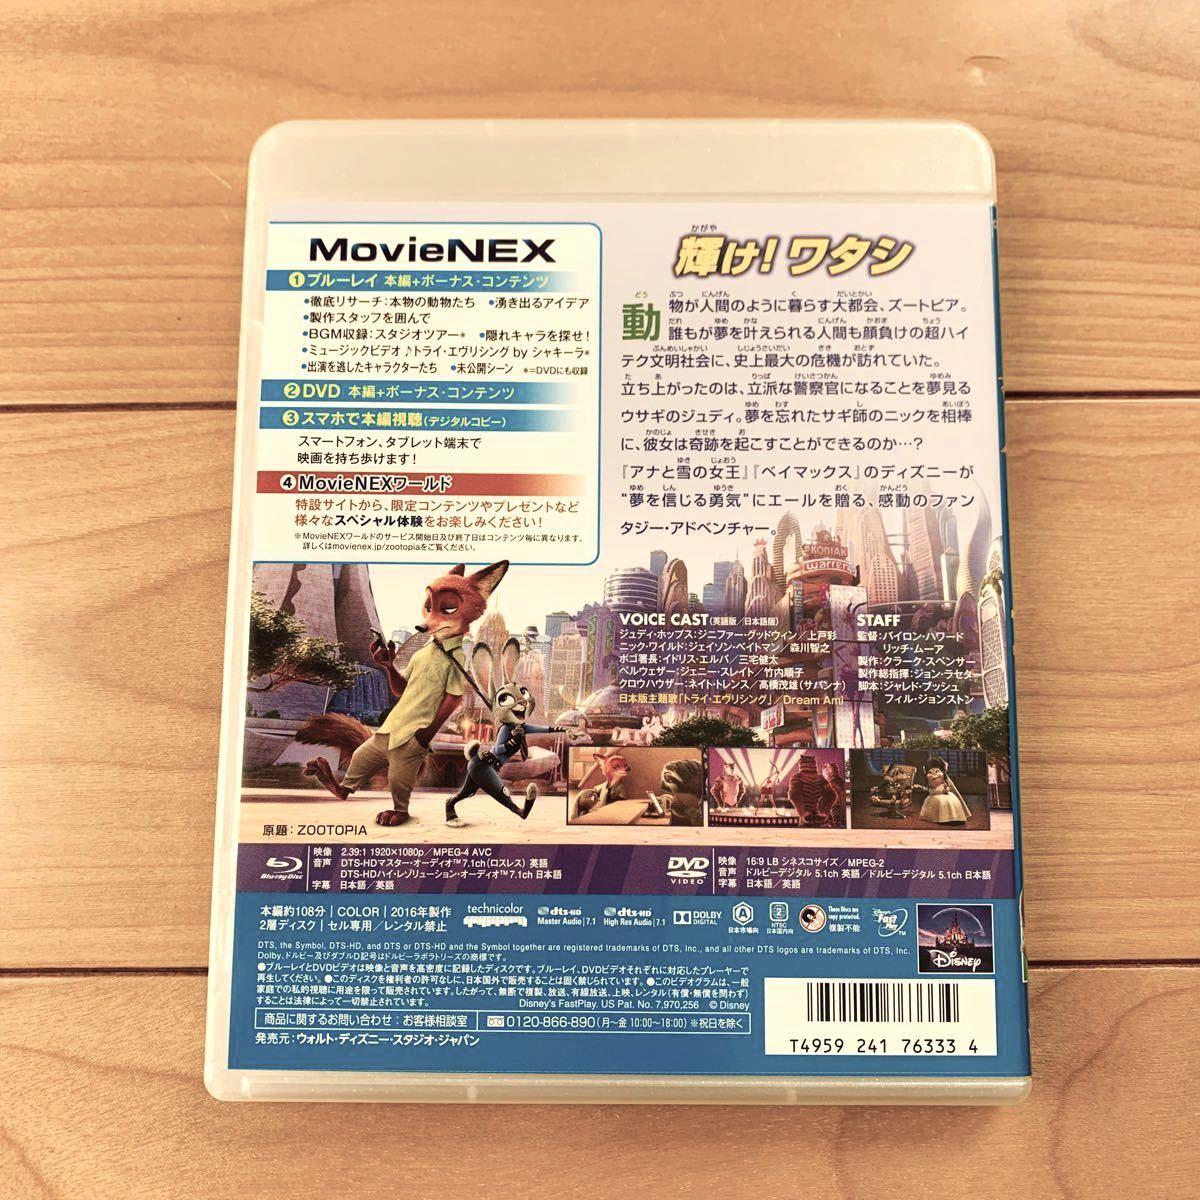 ズートピア ブルーレイ + 純正ケース【国内正規品】新品未再生 MovieNEX ディズニー disney Blu-ray